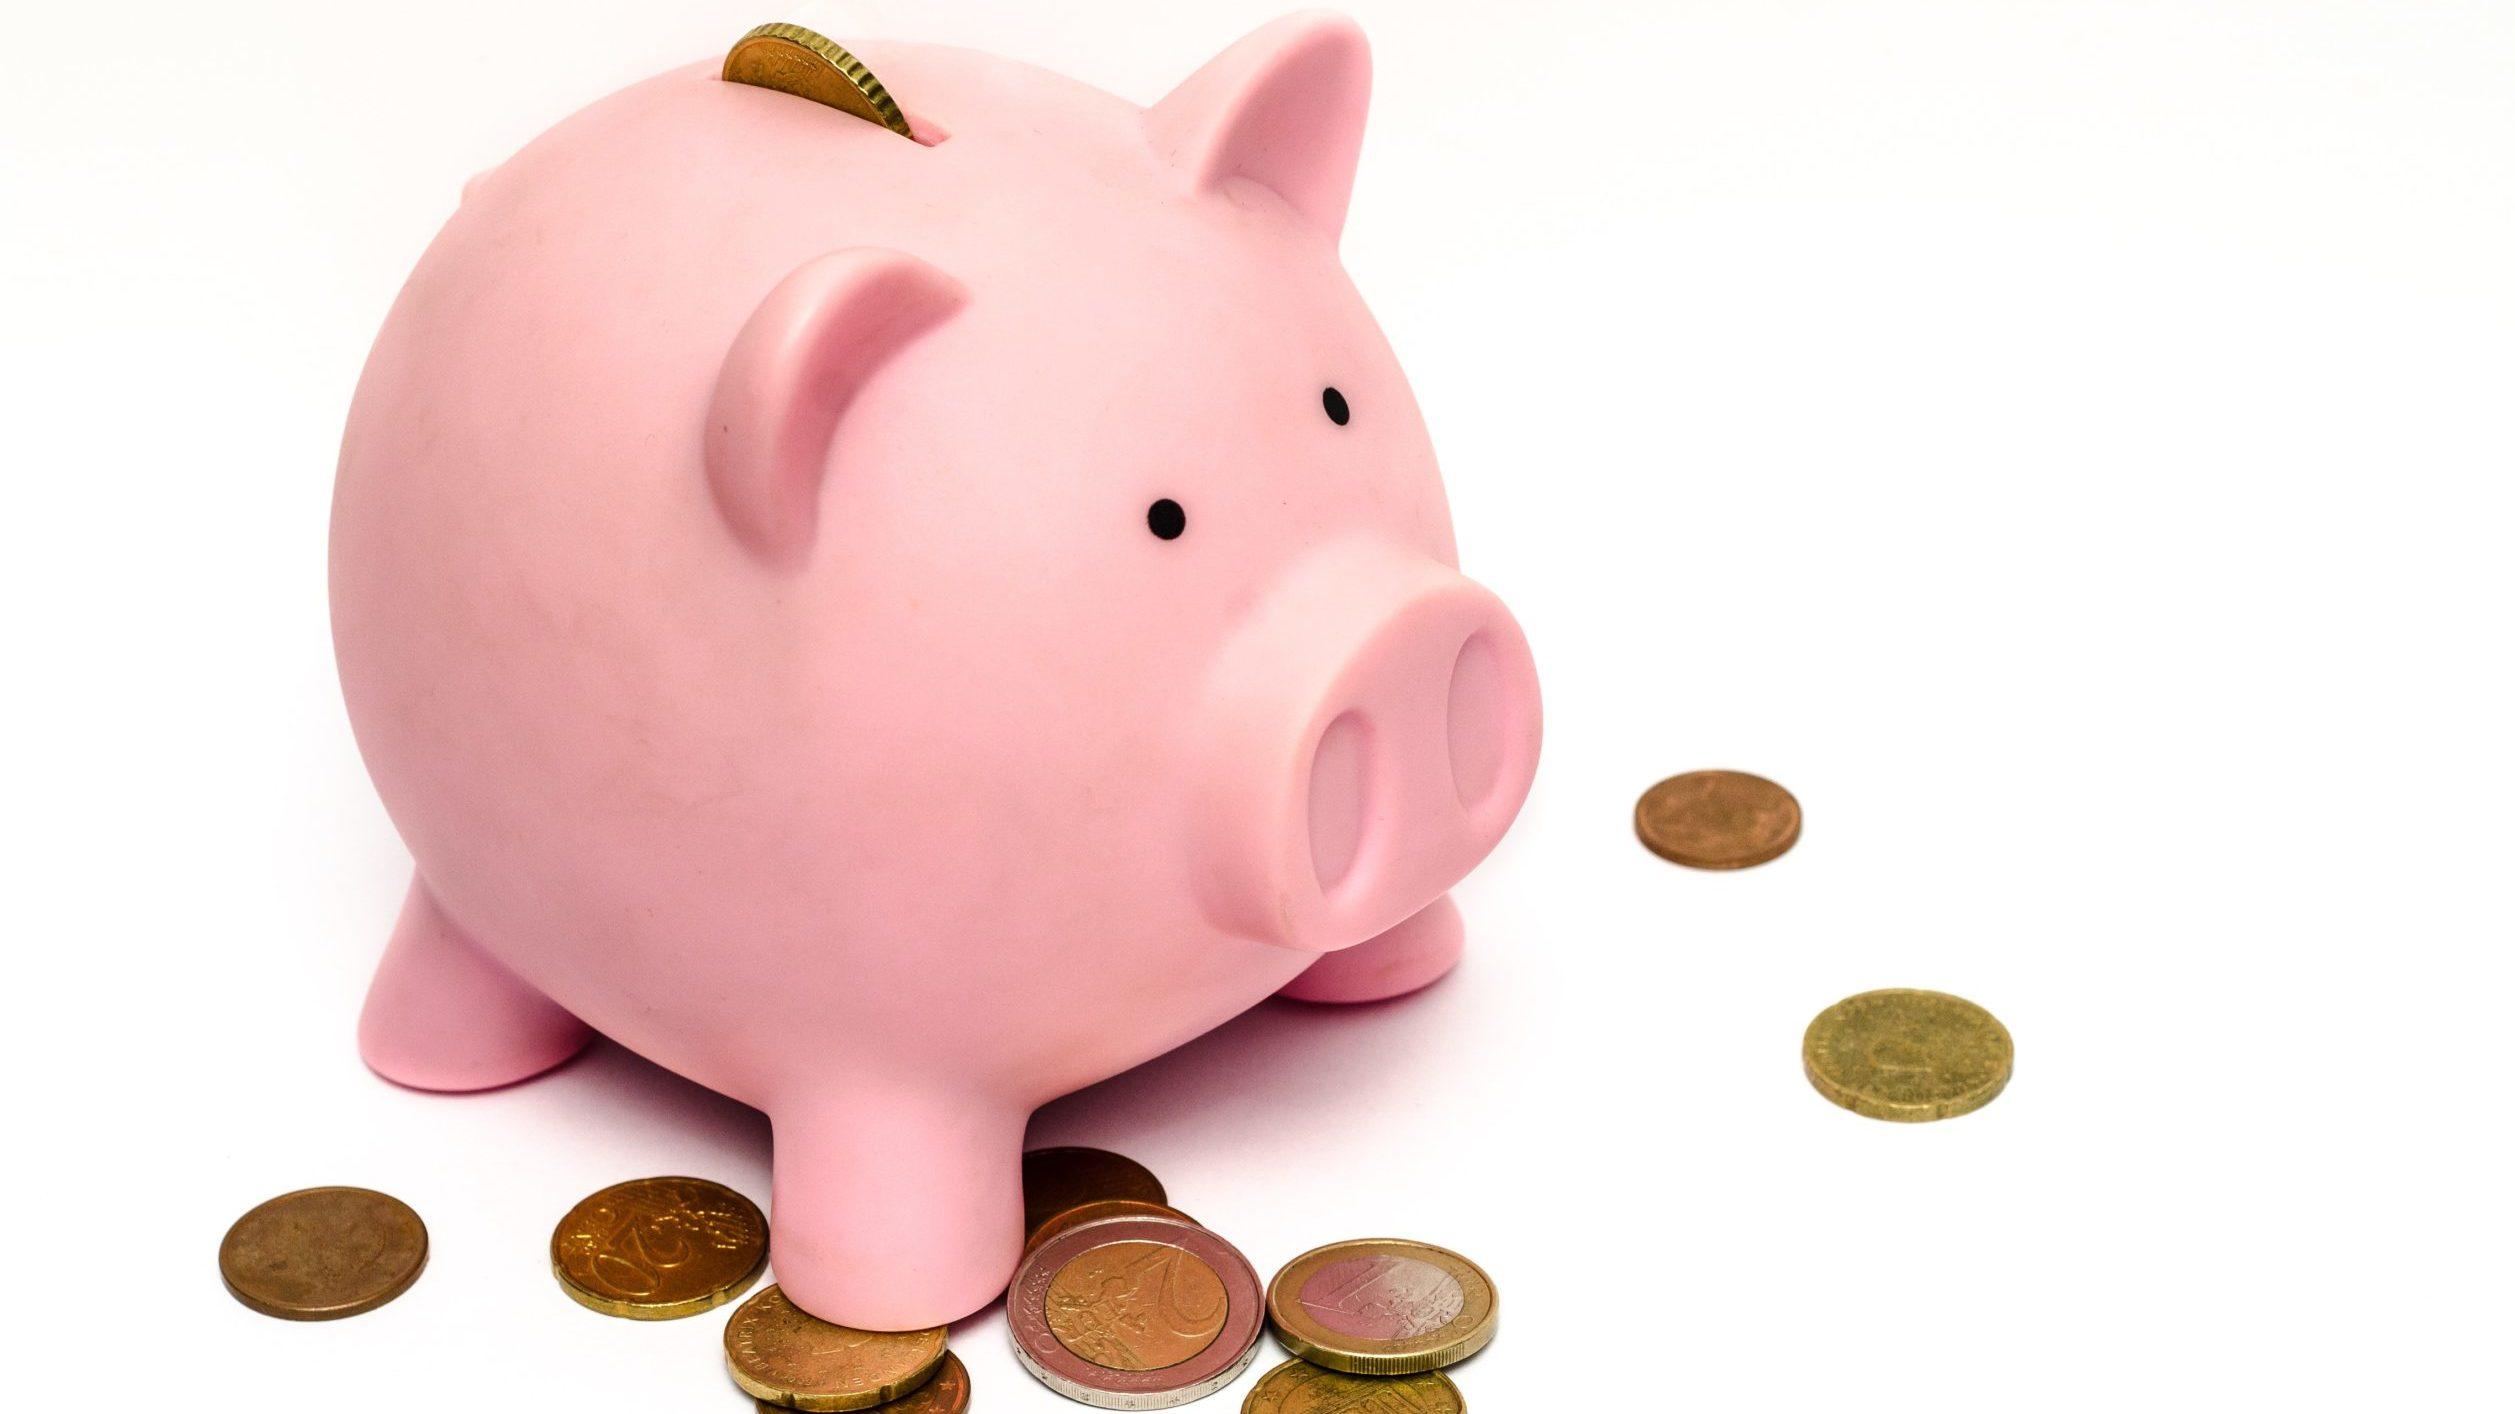 子供を一人育てるのにかかるお金ってどのくらい?のイメージ画像2